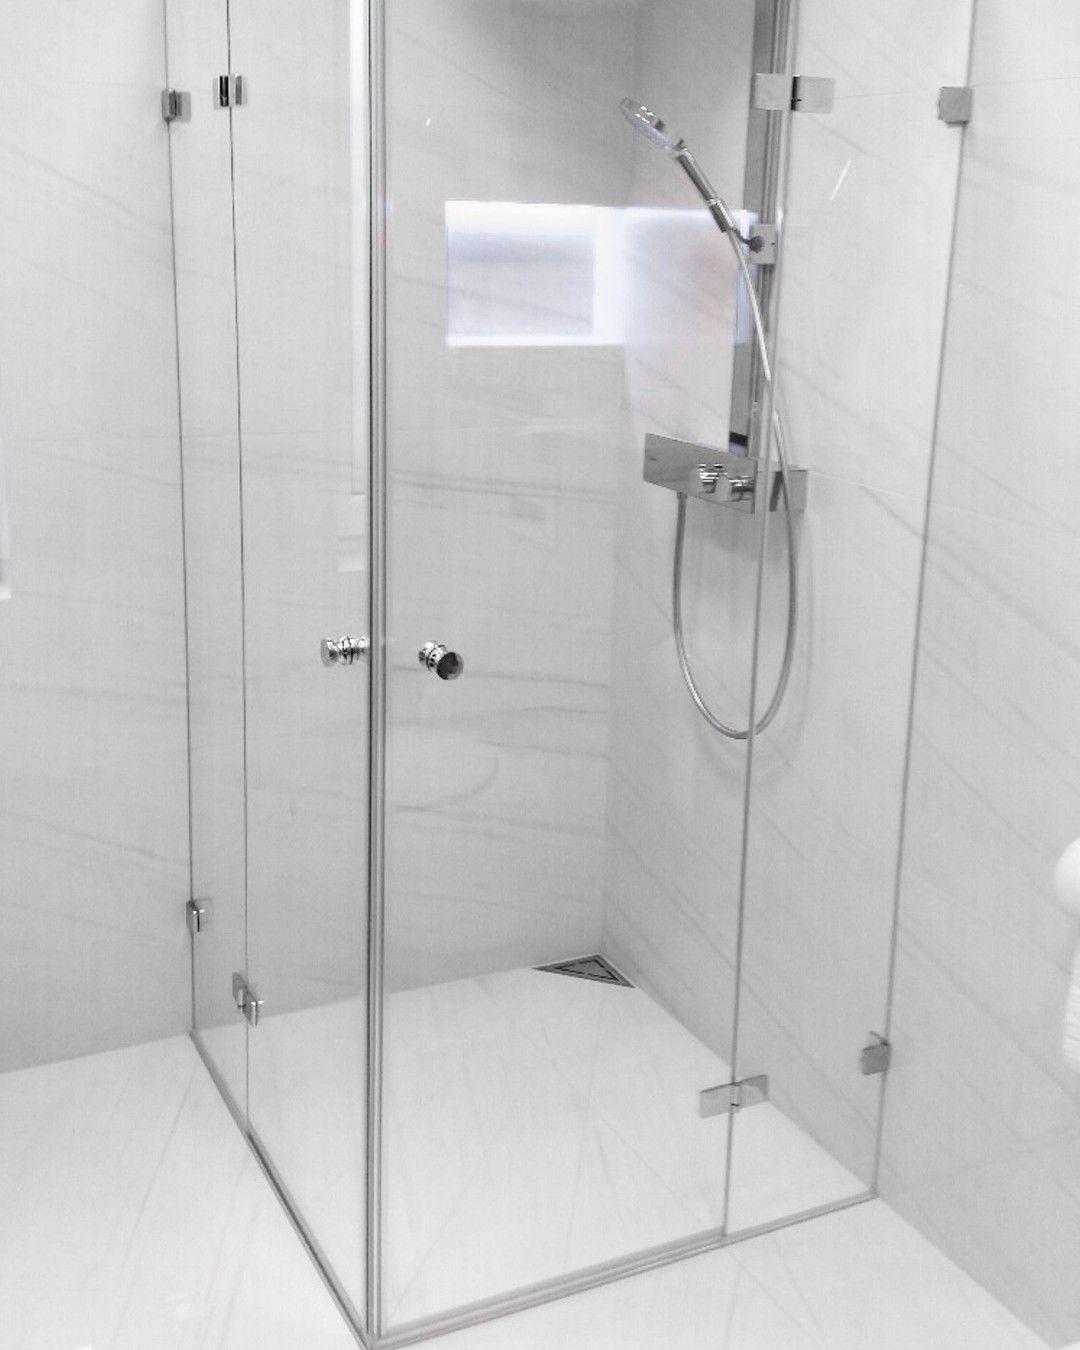 Neulich Von Uns Montiert Die Beliebte Viereckdusche Modell 320 Aus Unserer Unikat Serie Der Eckeinstieg Mit Nach Aussen O In 2020 Glasduschen Badezimmer Barrierefrei